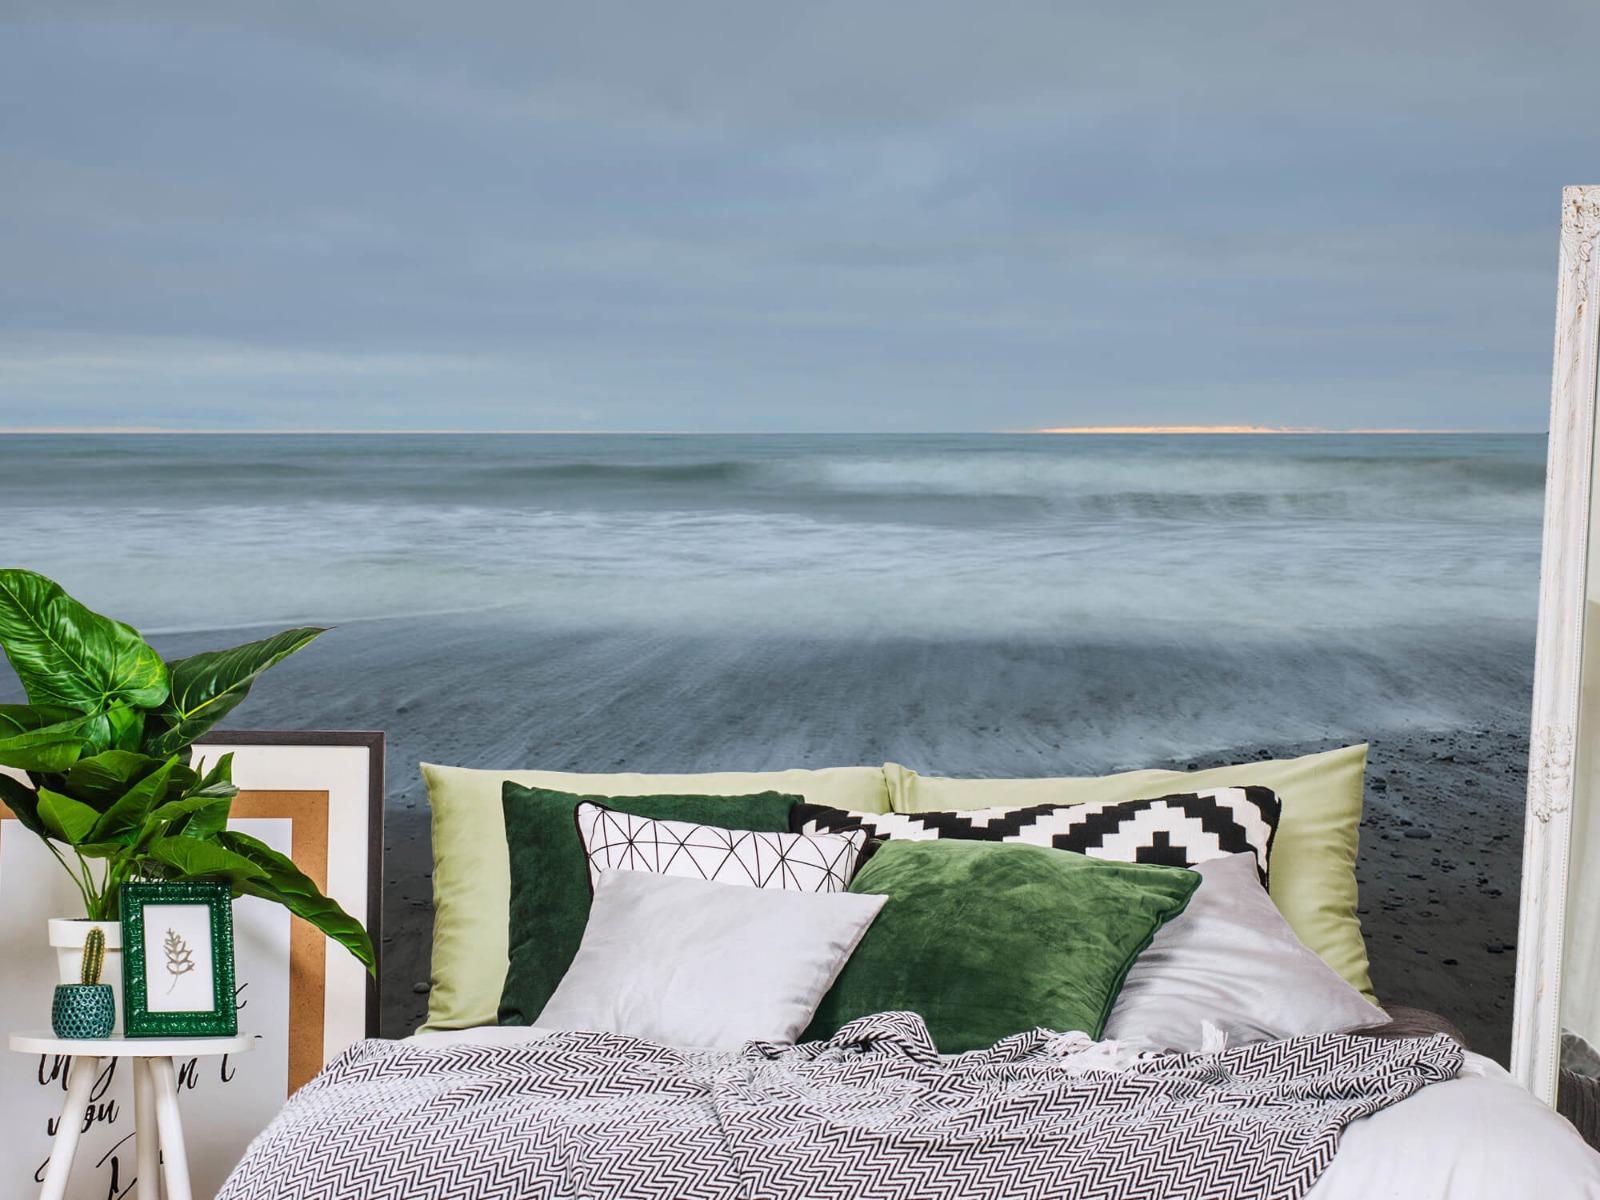 Zeeën en Oceanen - Golven aan het strand - Slaapkamer 14